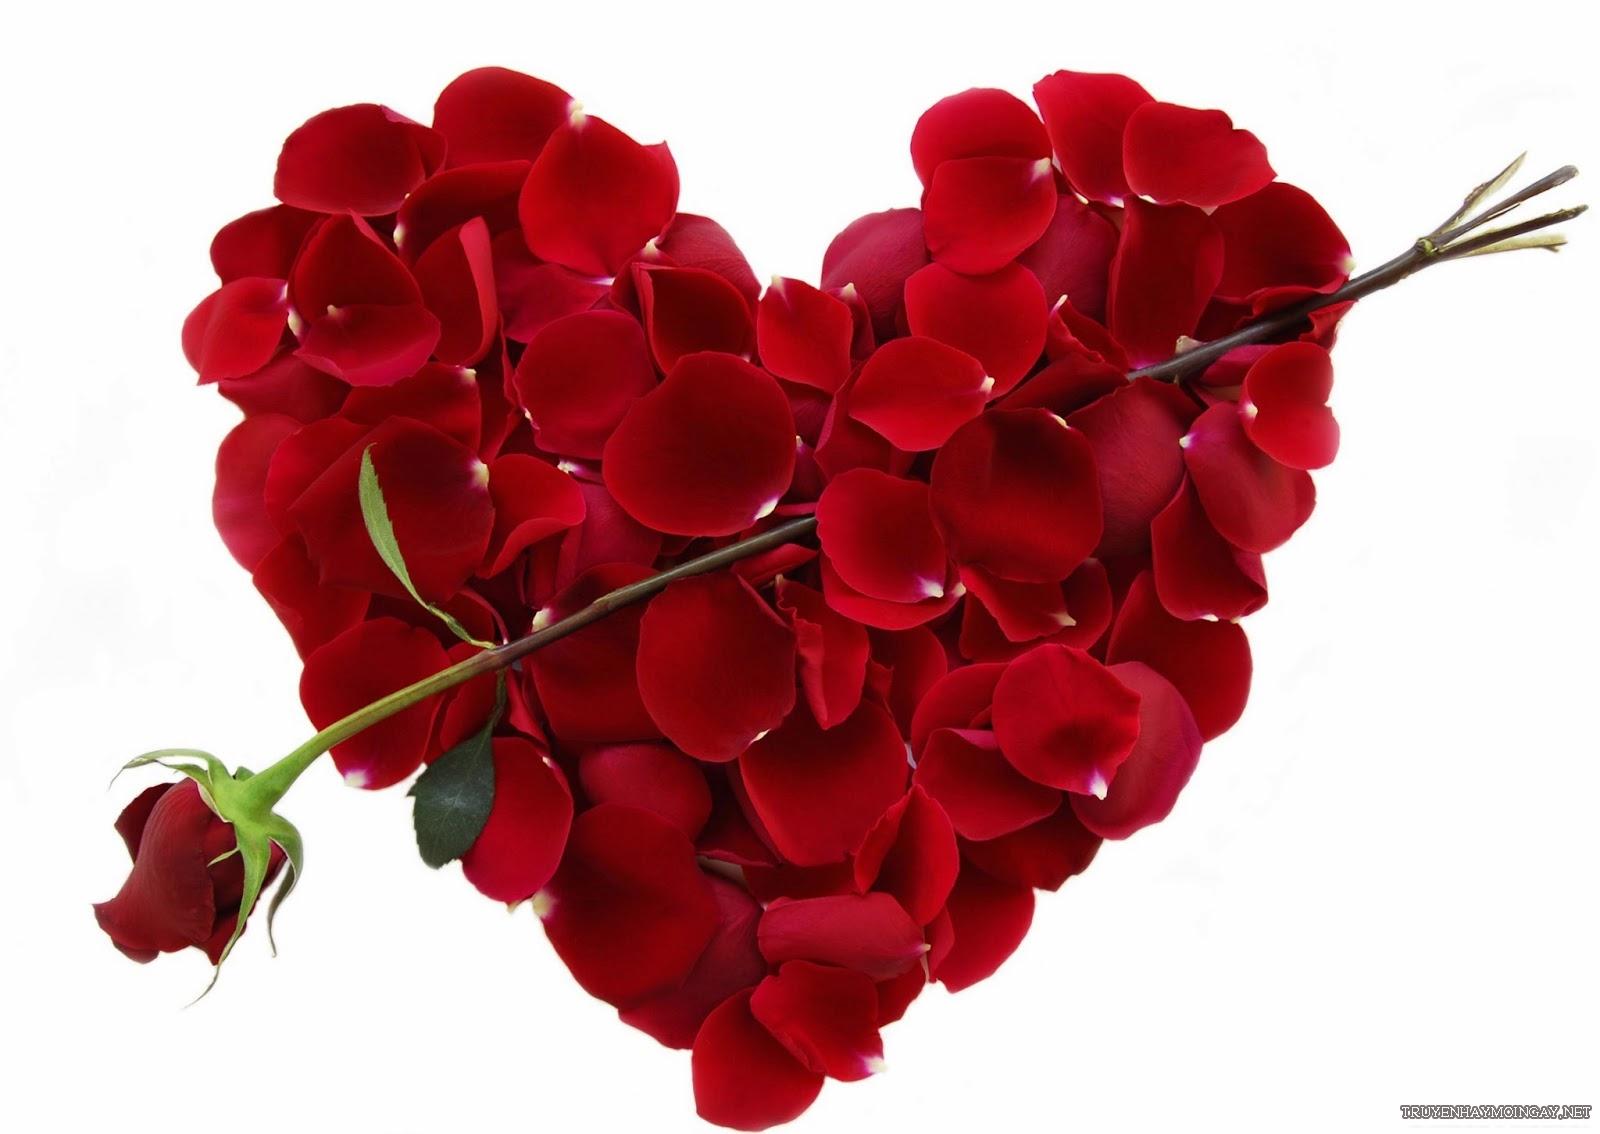 hình ảnh hoa hồng ri